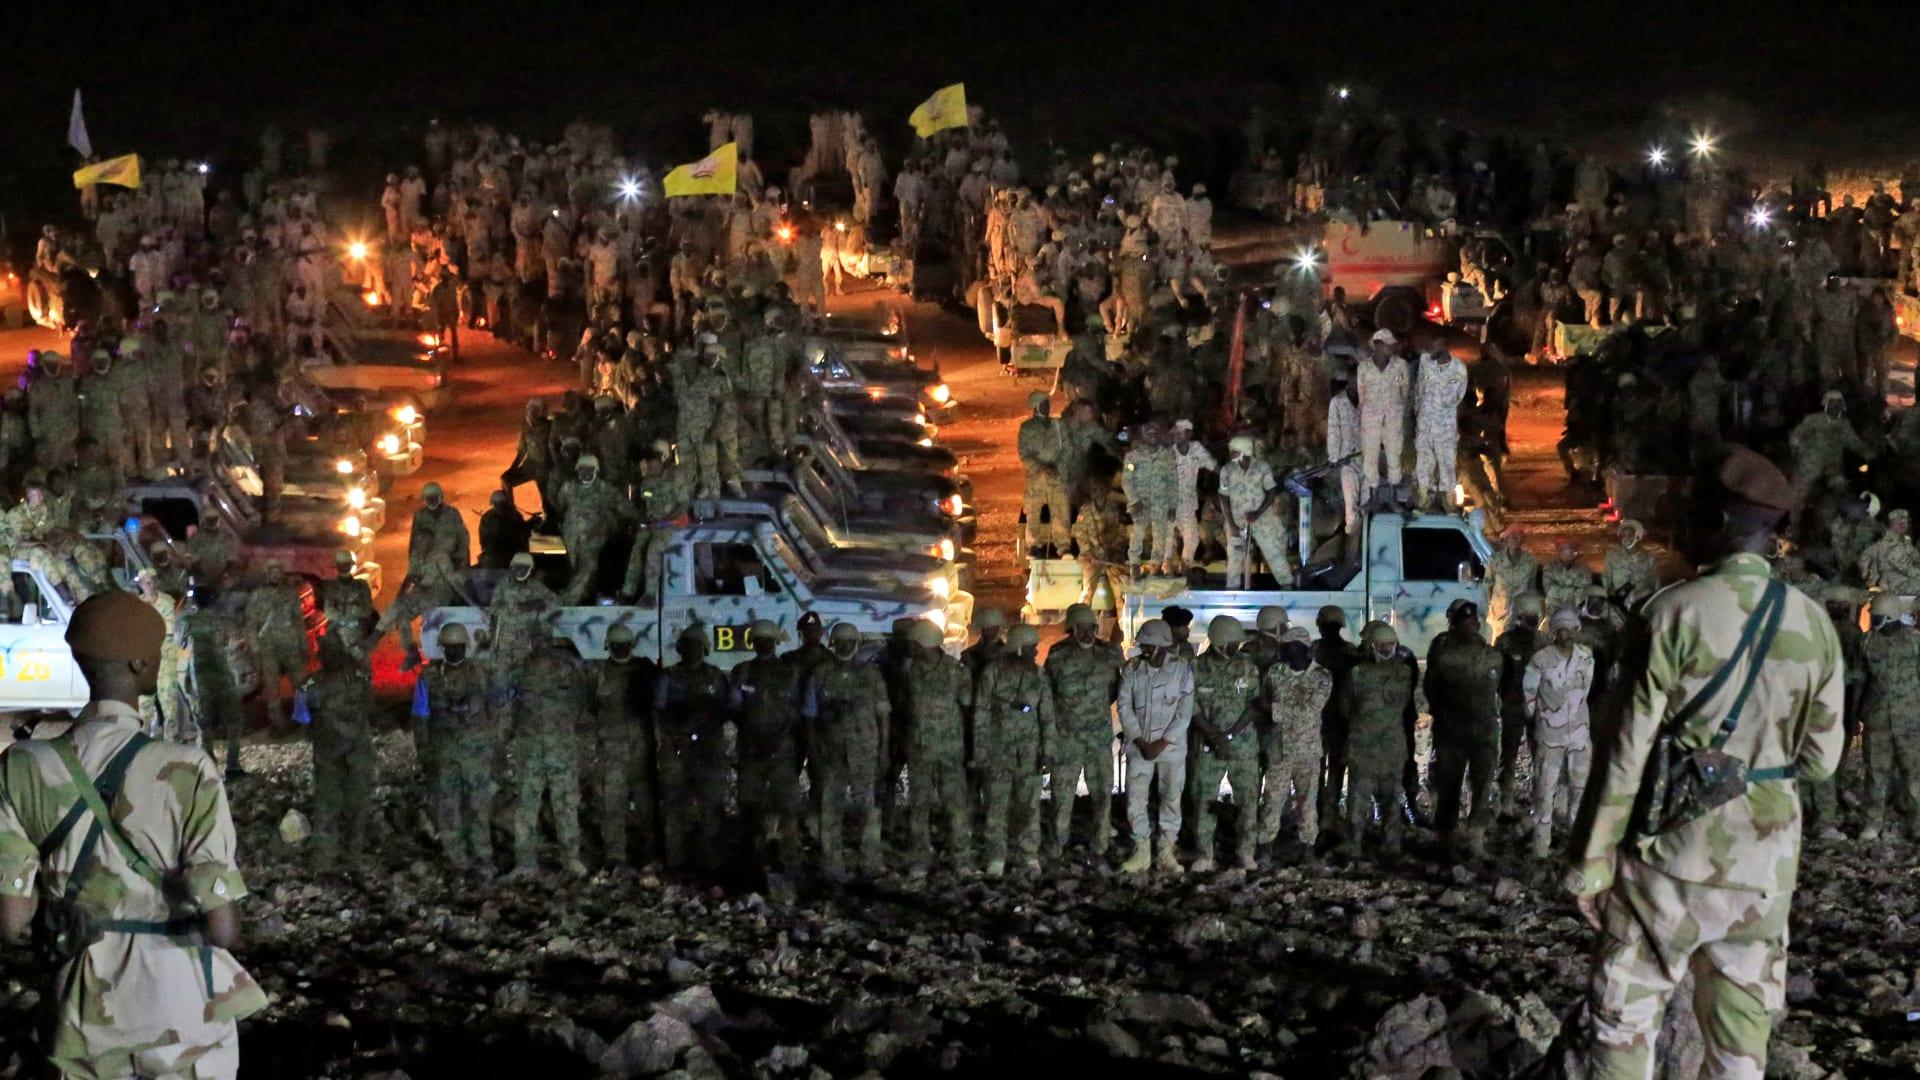 مجلس السيادة بالسودان: لم نعلن الحرب على إثيوبيا.. واستعادة أراضينا ليس قراراً عسكرياً